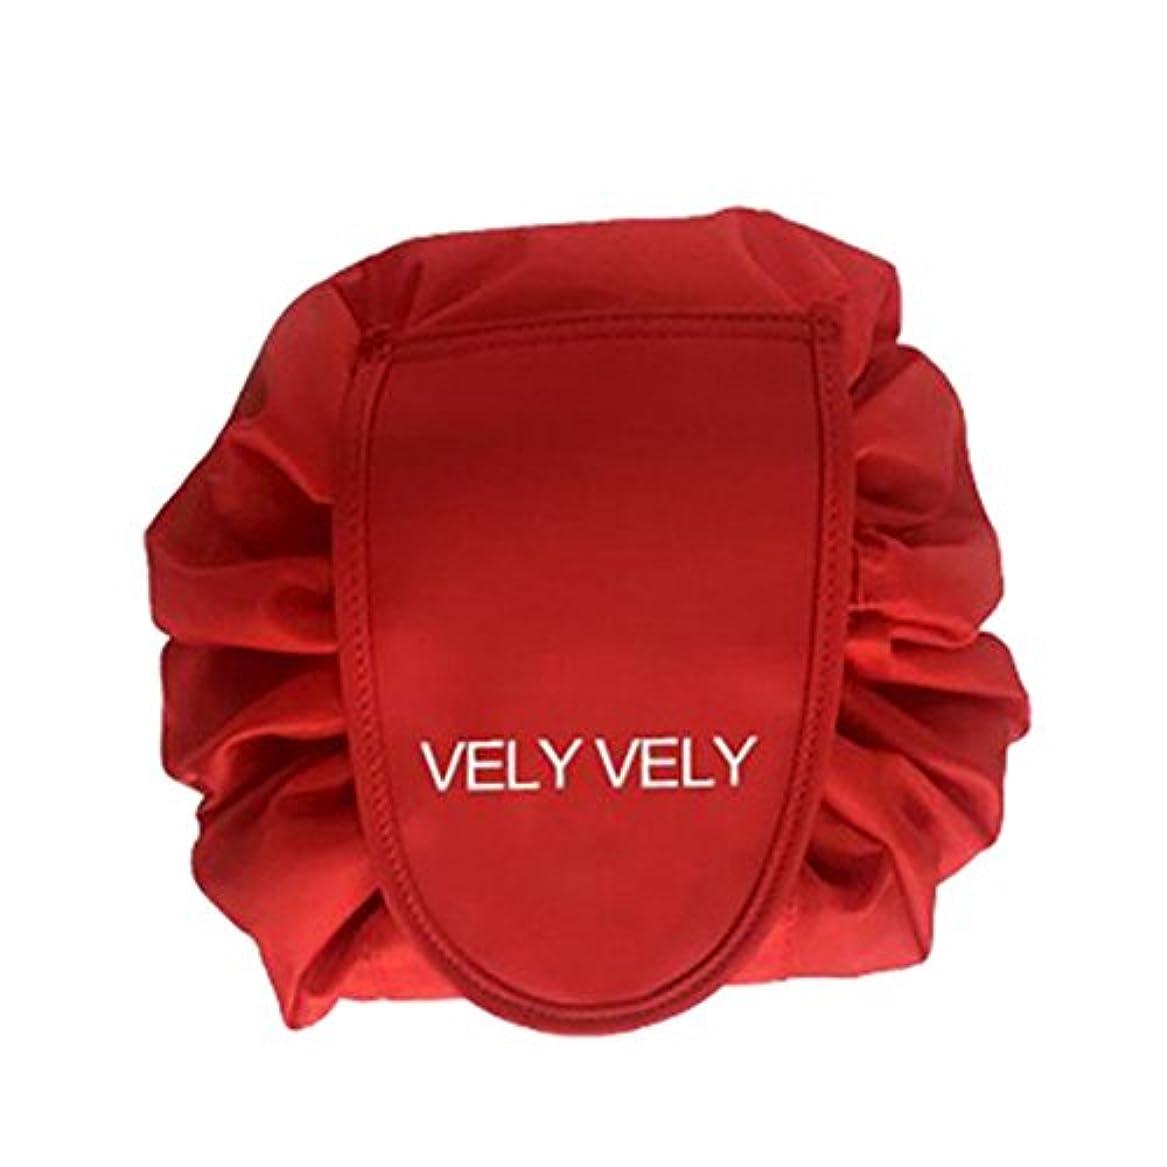 漁師年金取り扱いSmartRICH 化粧品収納バッグ,折畳式 巾着型 収納携帯用 便利 防水的 旅行 容量大きい 可愛い 化粧バッグ 化粧ポーチ (赤)